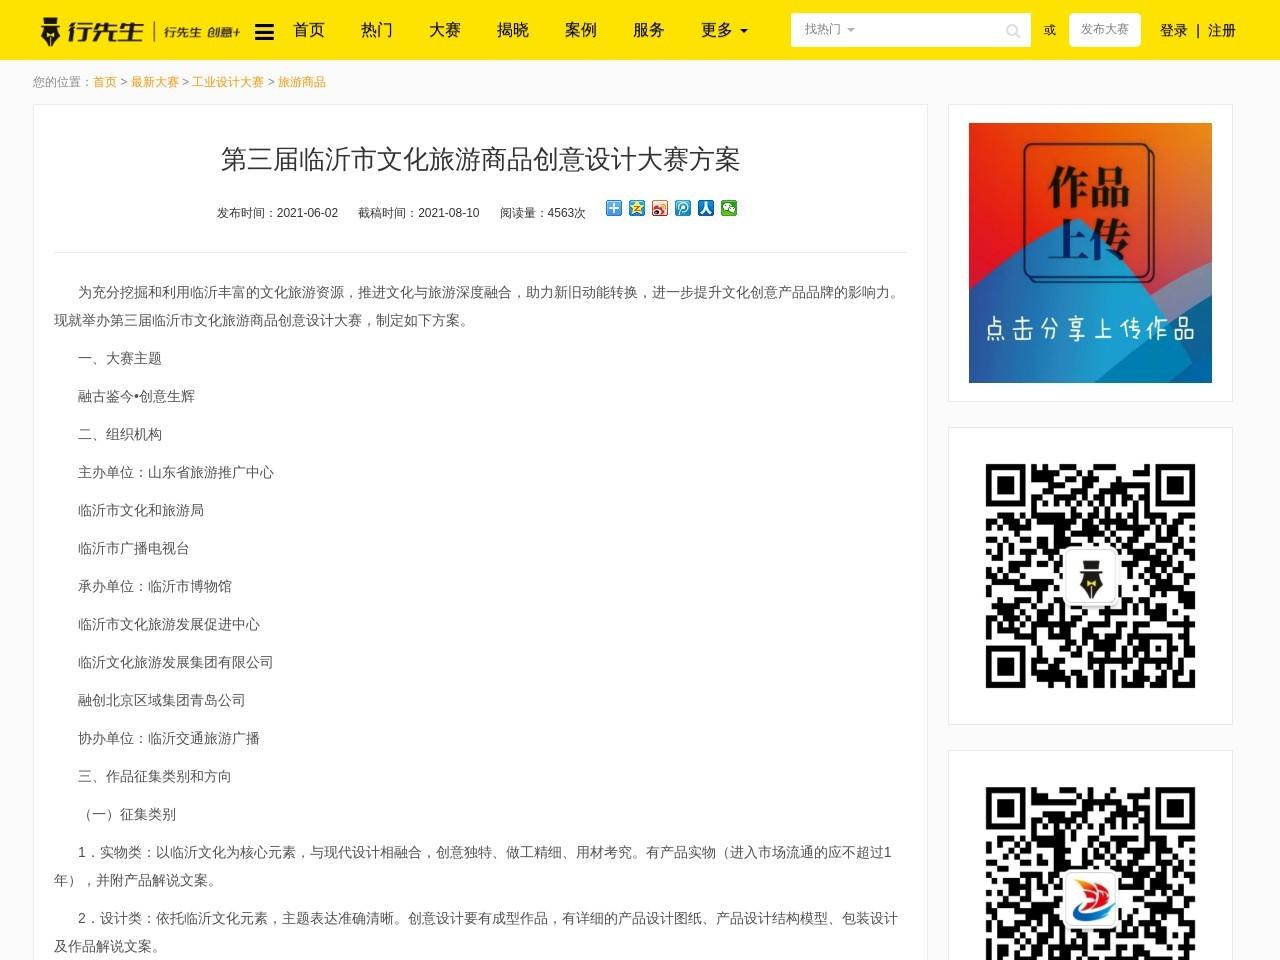 第三届临沂市文化旅游商品创意设计大赛在线征集!